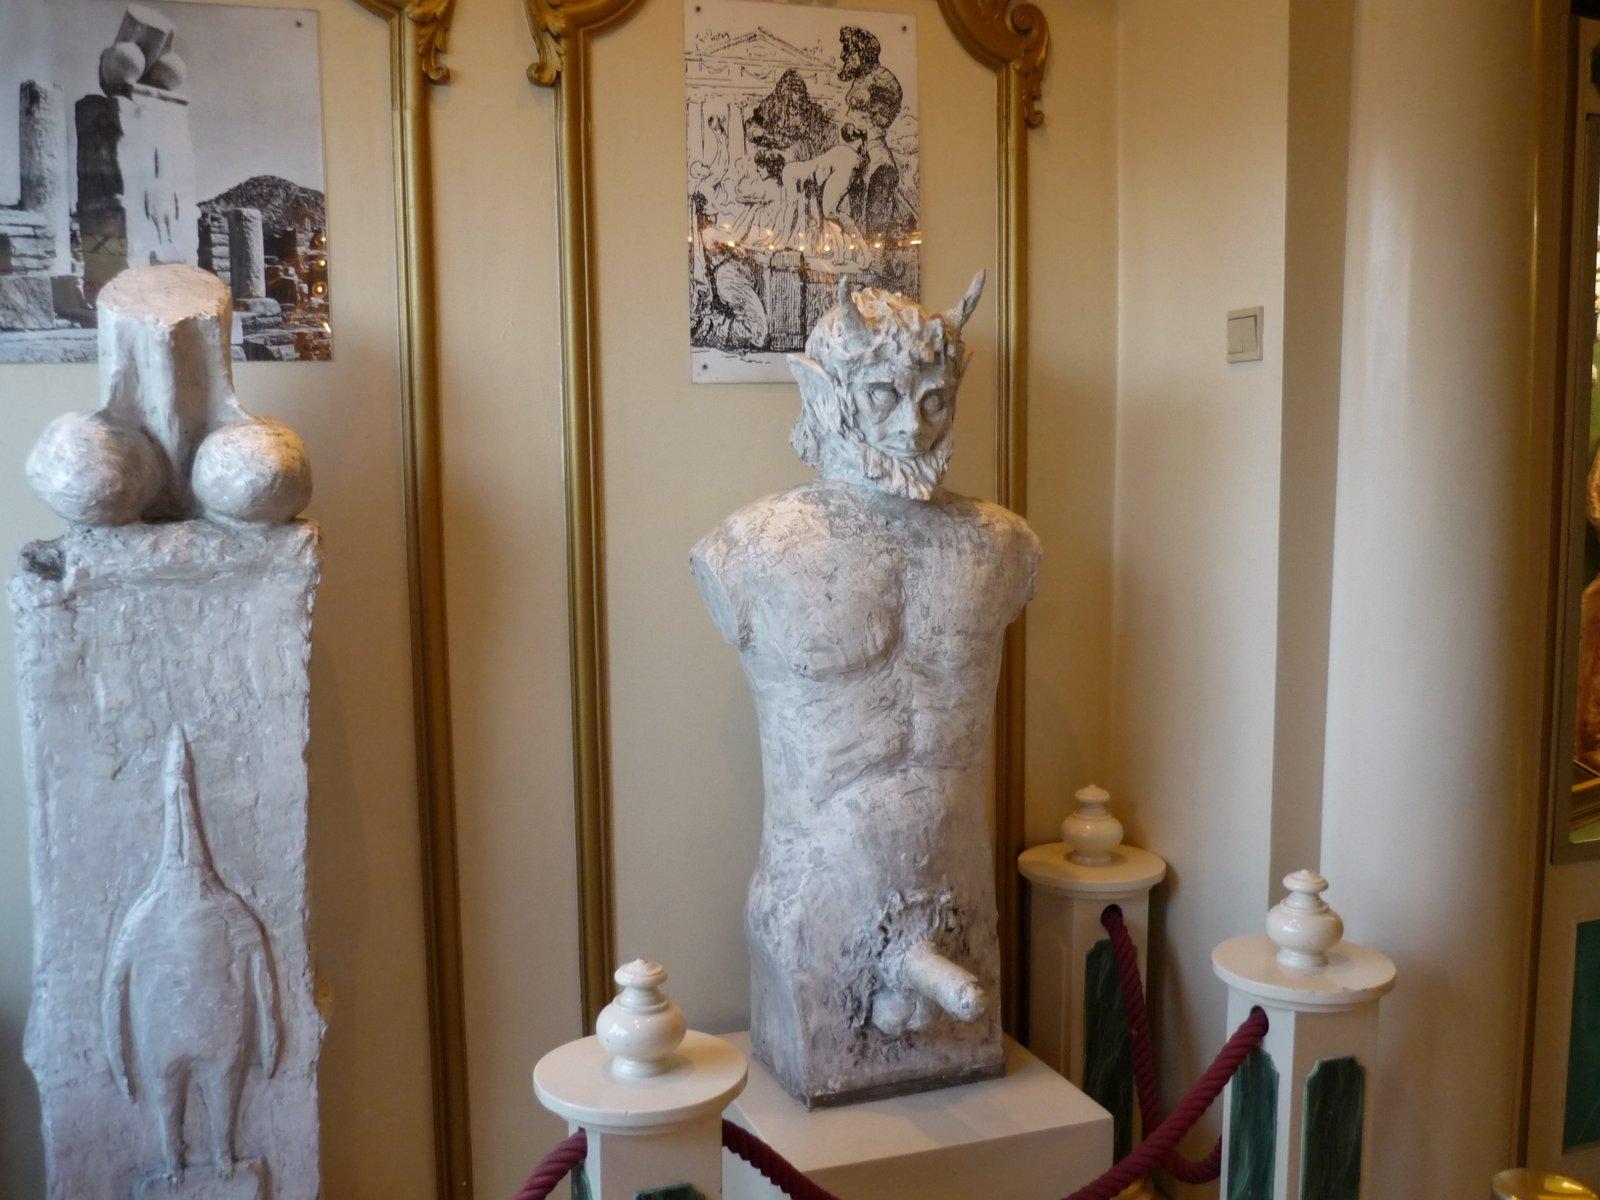 P1010007 - Wisata Museum Erotis Dunia, Pantang Untuk Didatangi Anak Bawah Umur!